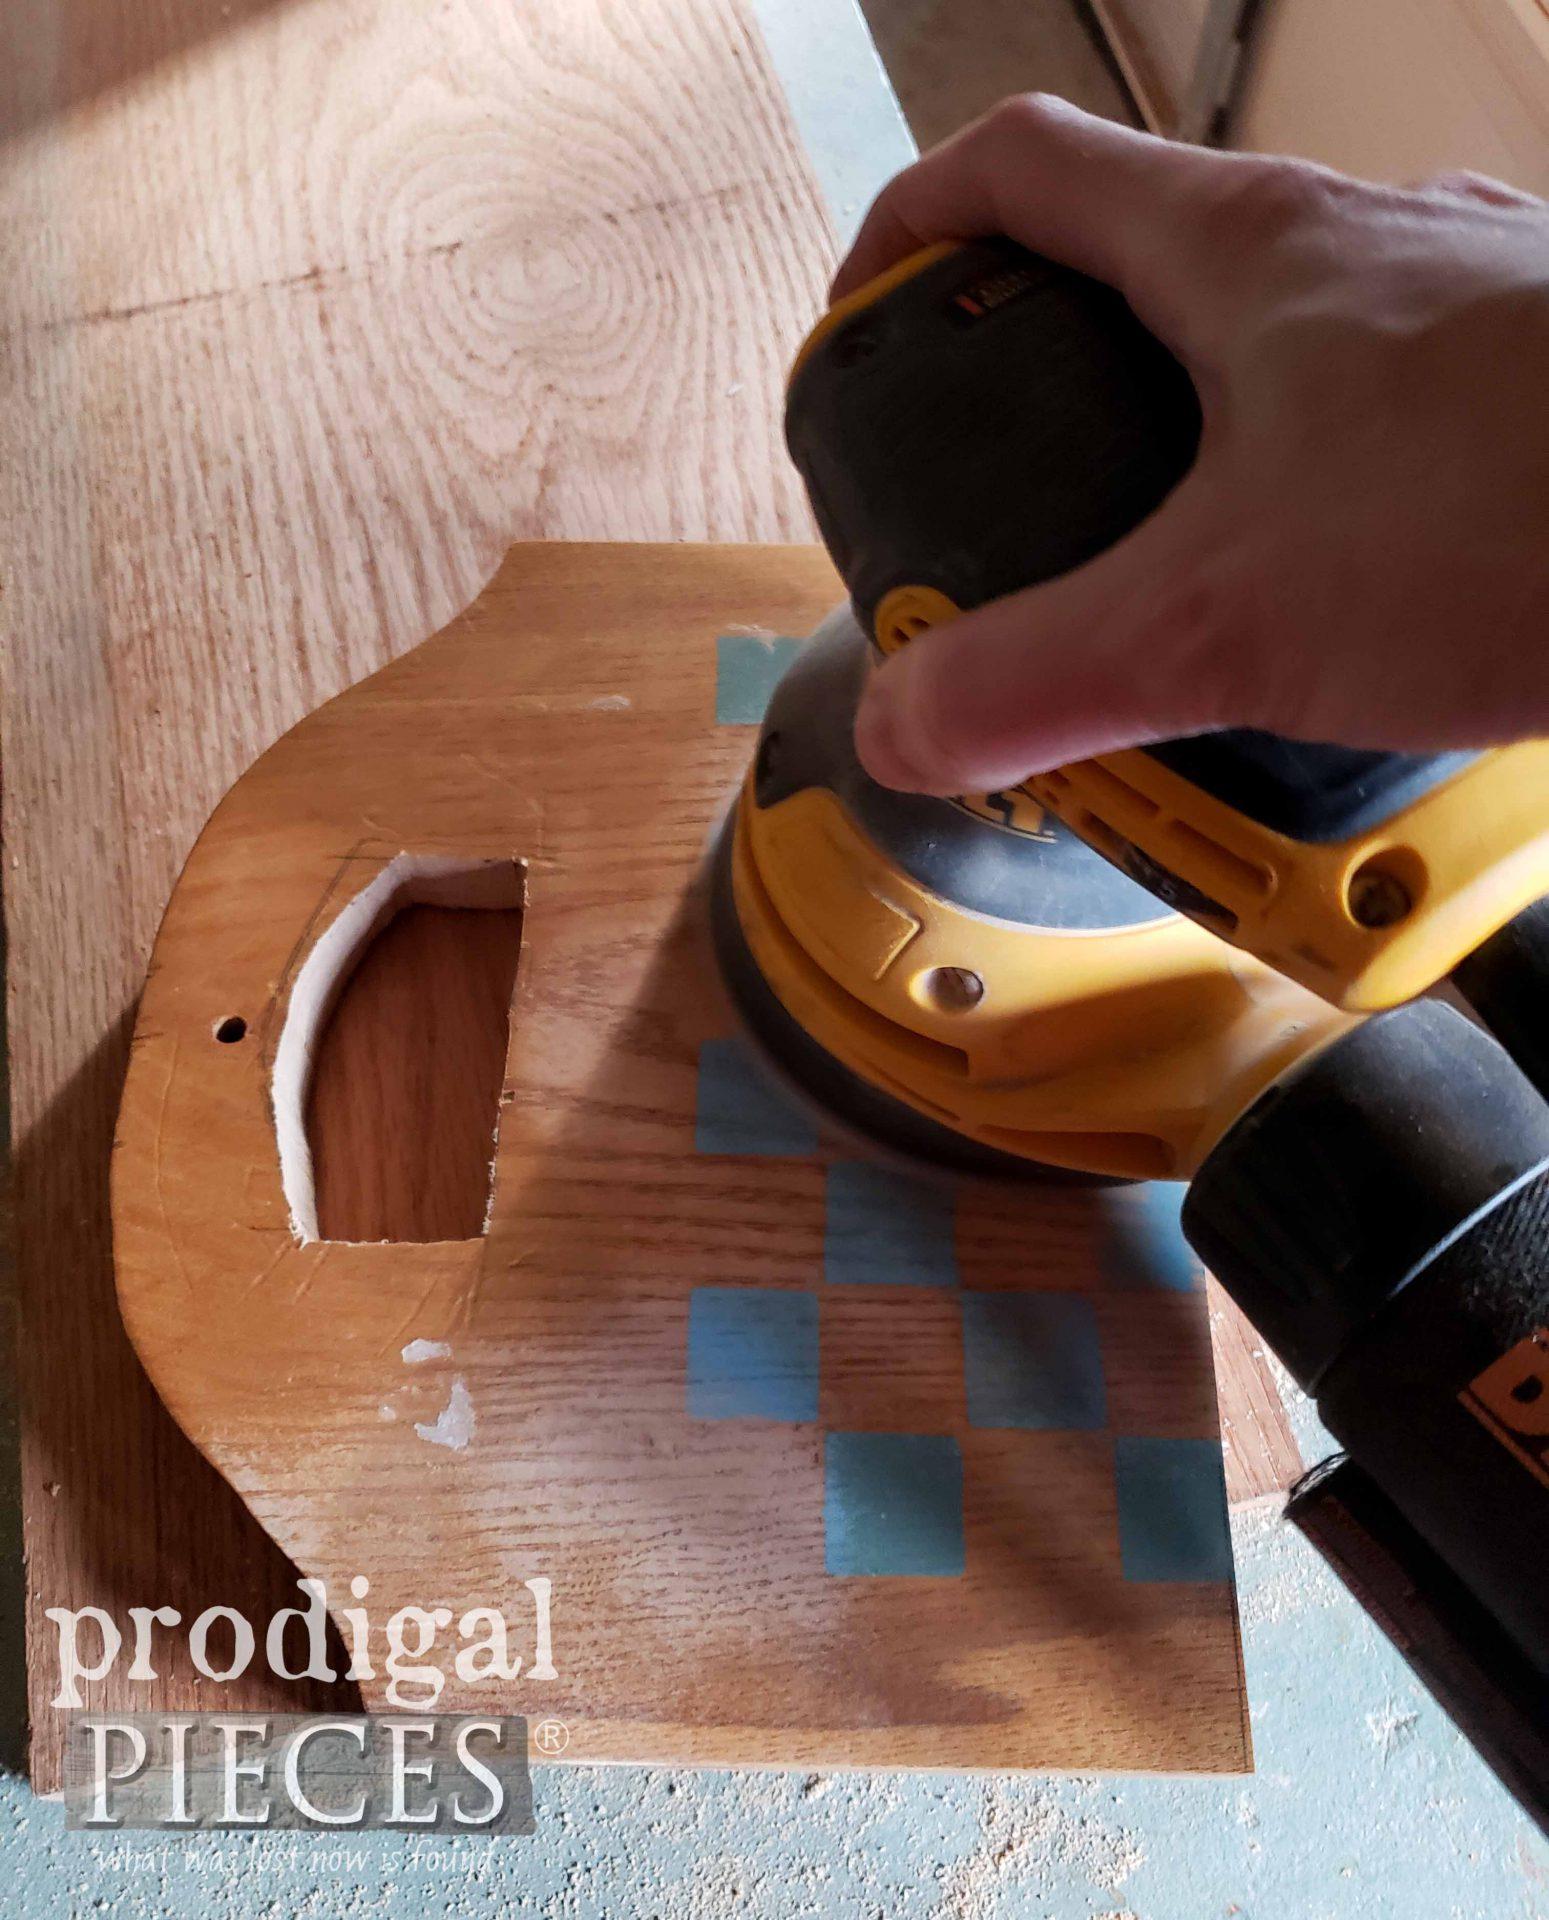 Sanding Cut Oak Pieces | prodigalpieces.com #prodigalpieces